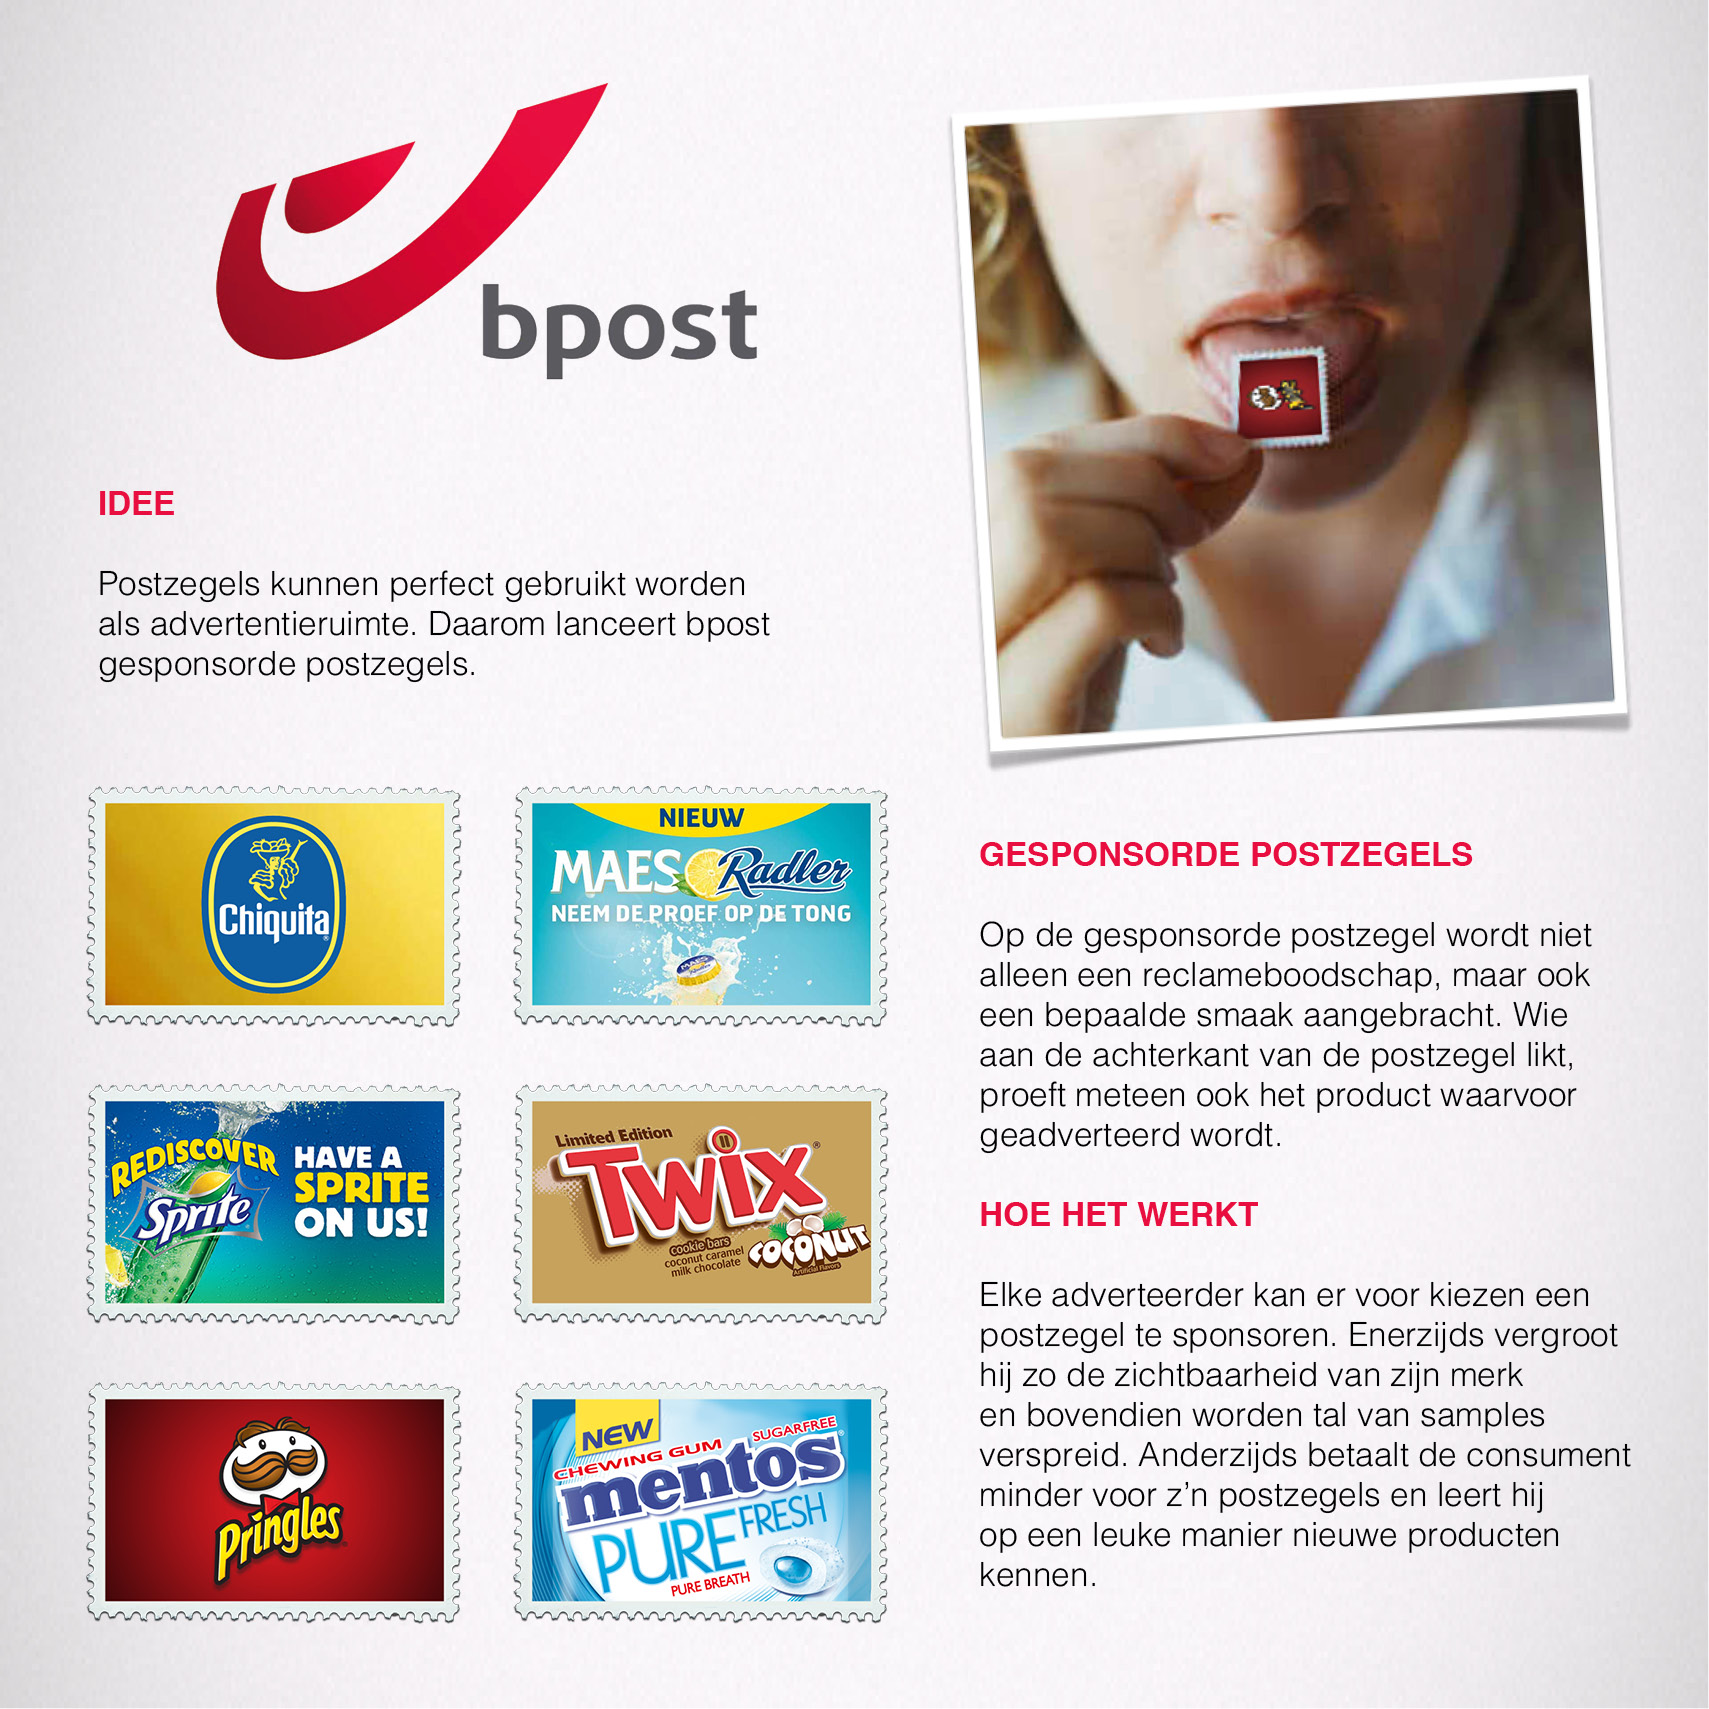 bpost_samplepostzegels